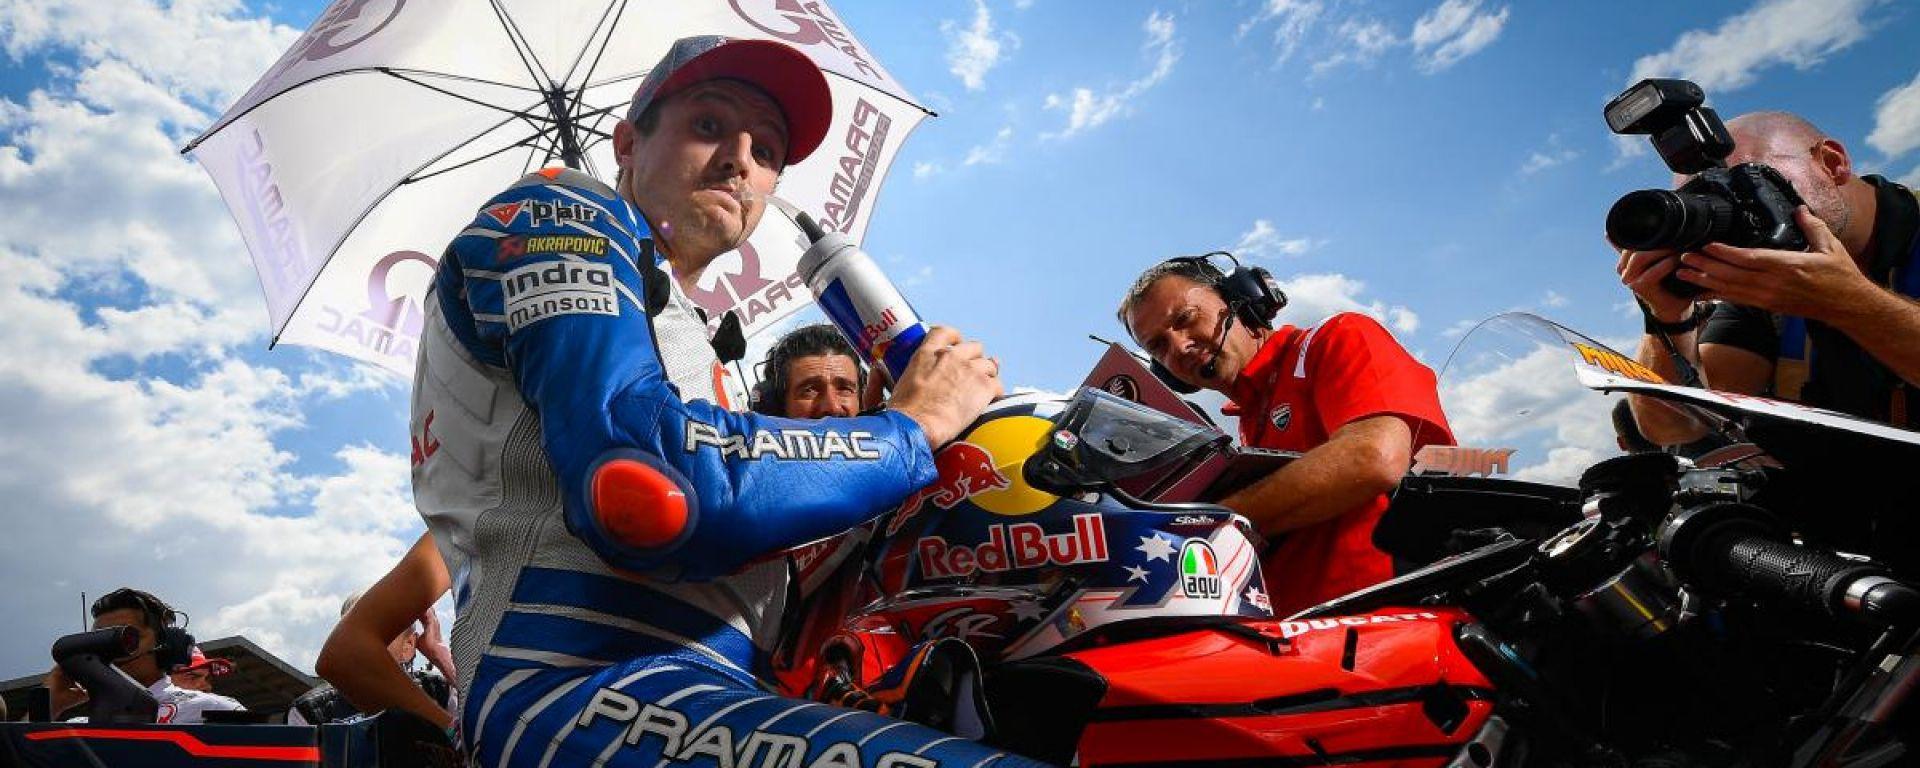 Jack Miller (Pramac Racing) rinnova con Ducati. Il 2020 sarà il terzo anno con Borgo Panigale